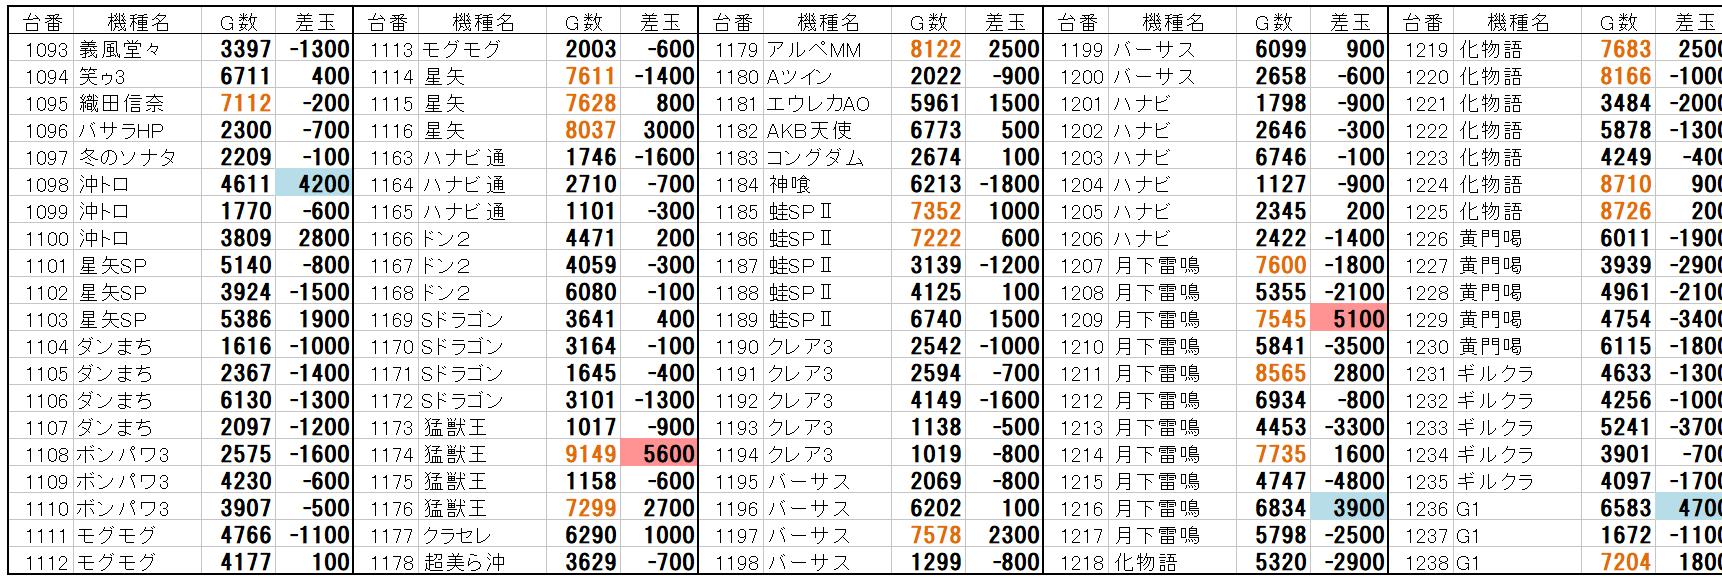 ビッグ アップル 加古川 データ 「勇者の奇跡」初陣に890人の大行列!! -